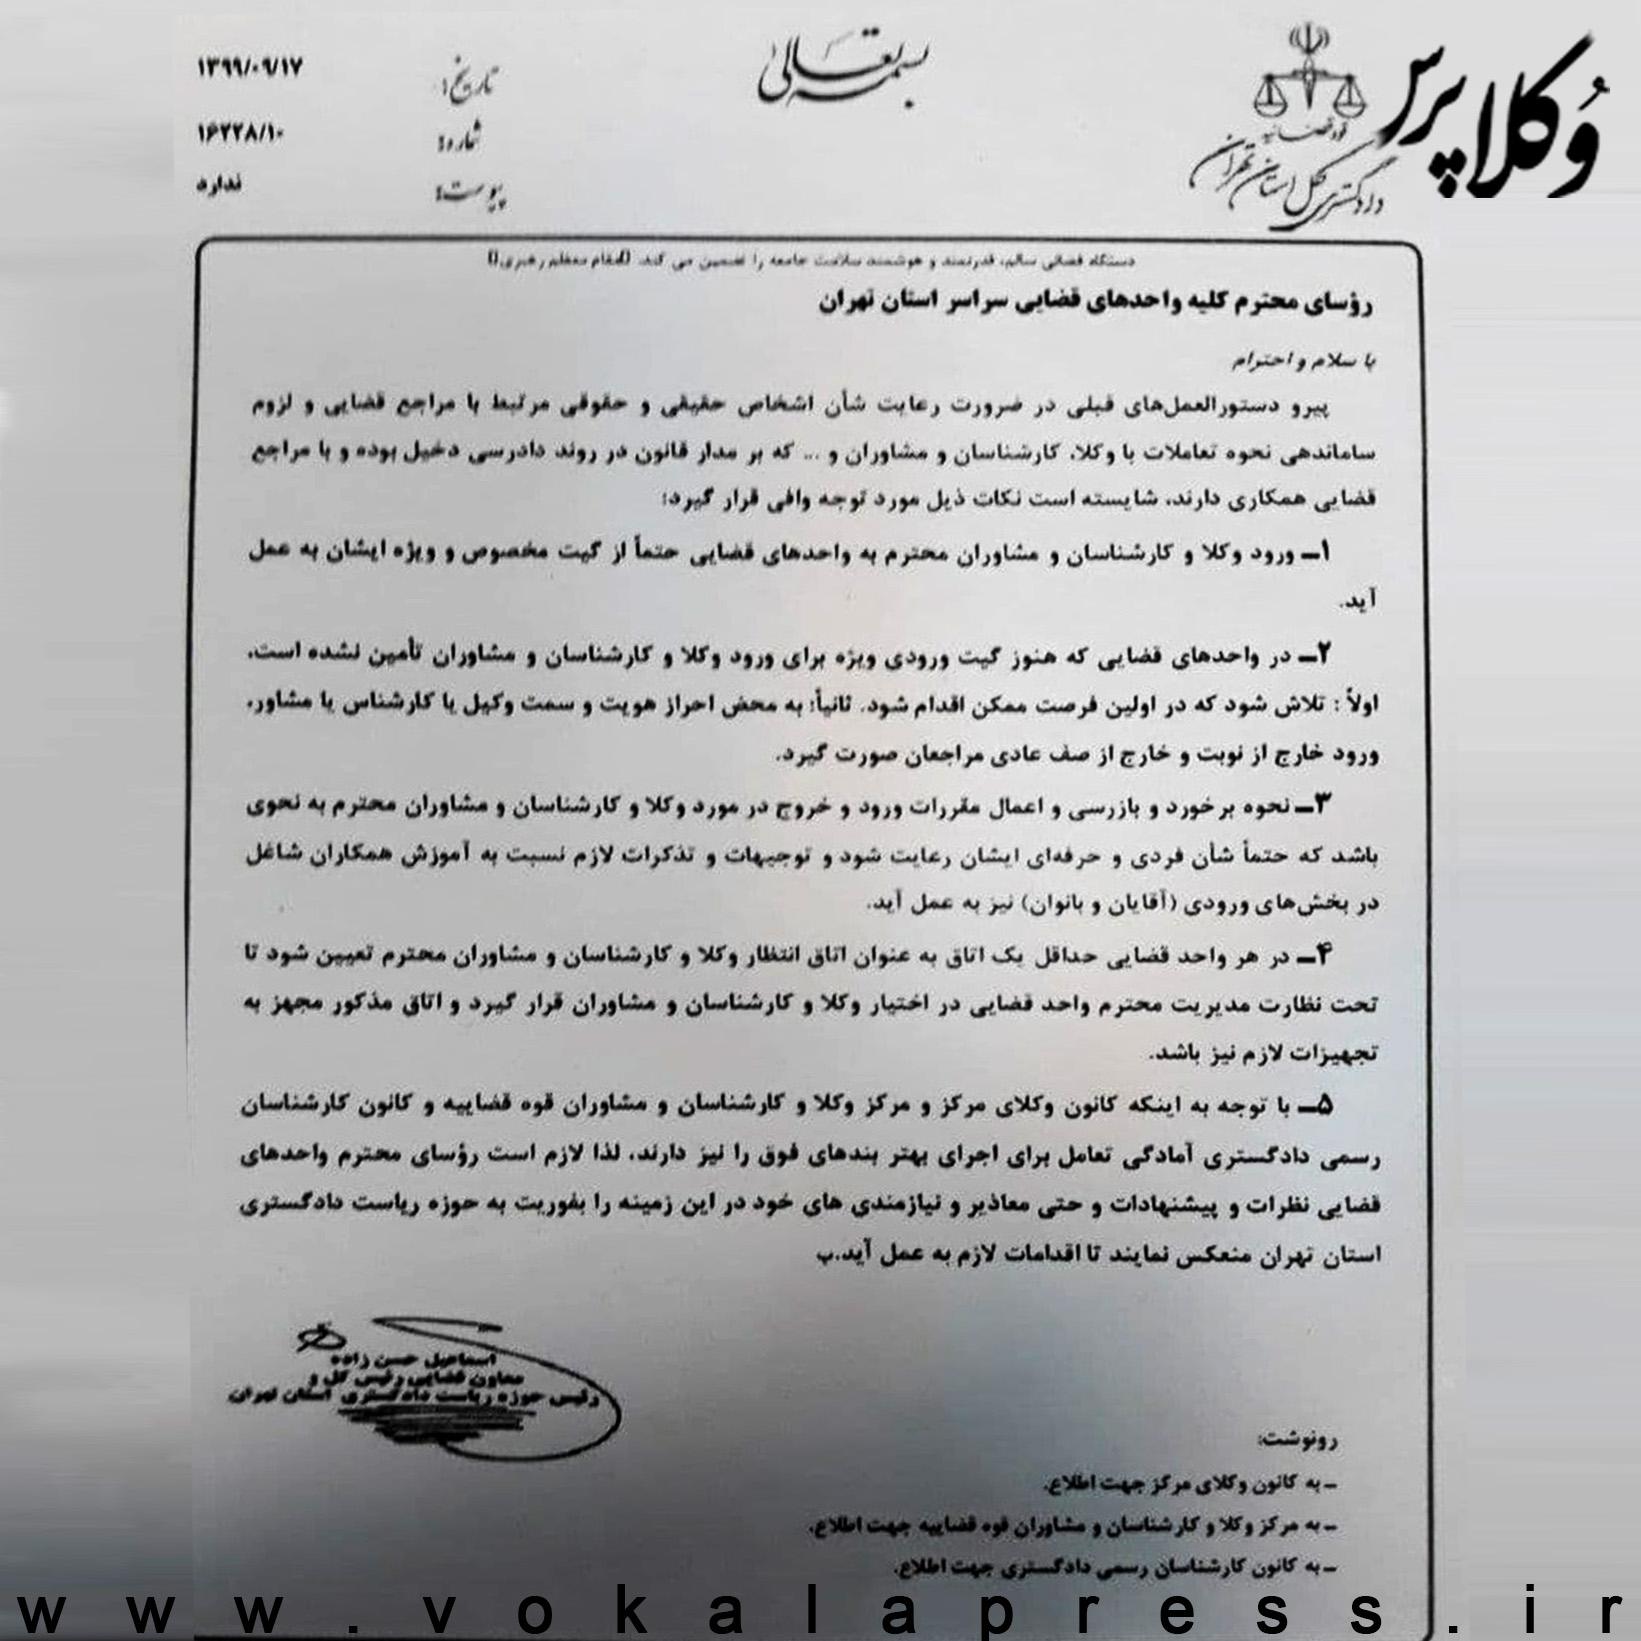 بخشنامه دادگستری استان تهران درباره نحوه تعامل با وکلای دادگستری